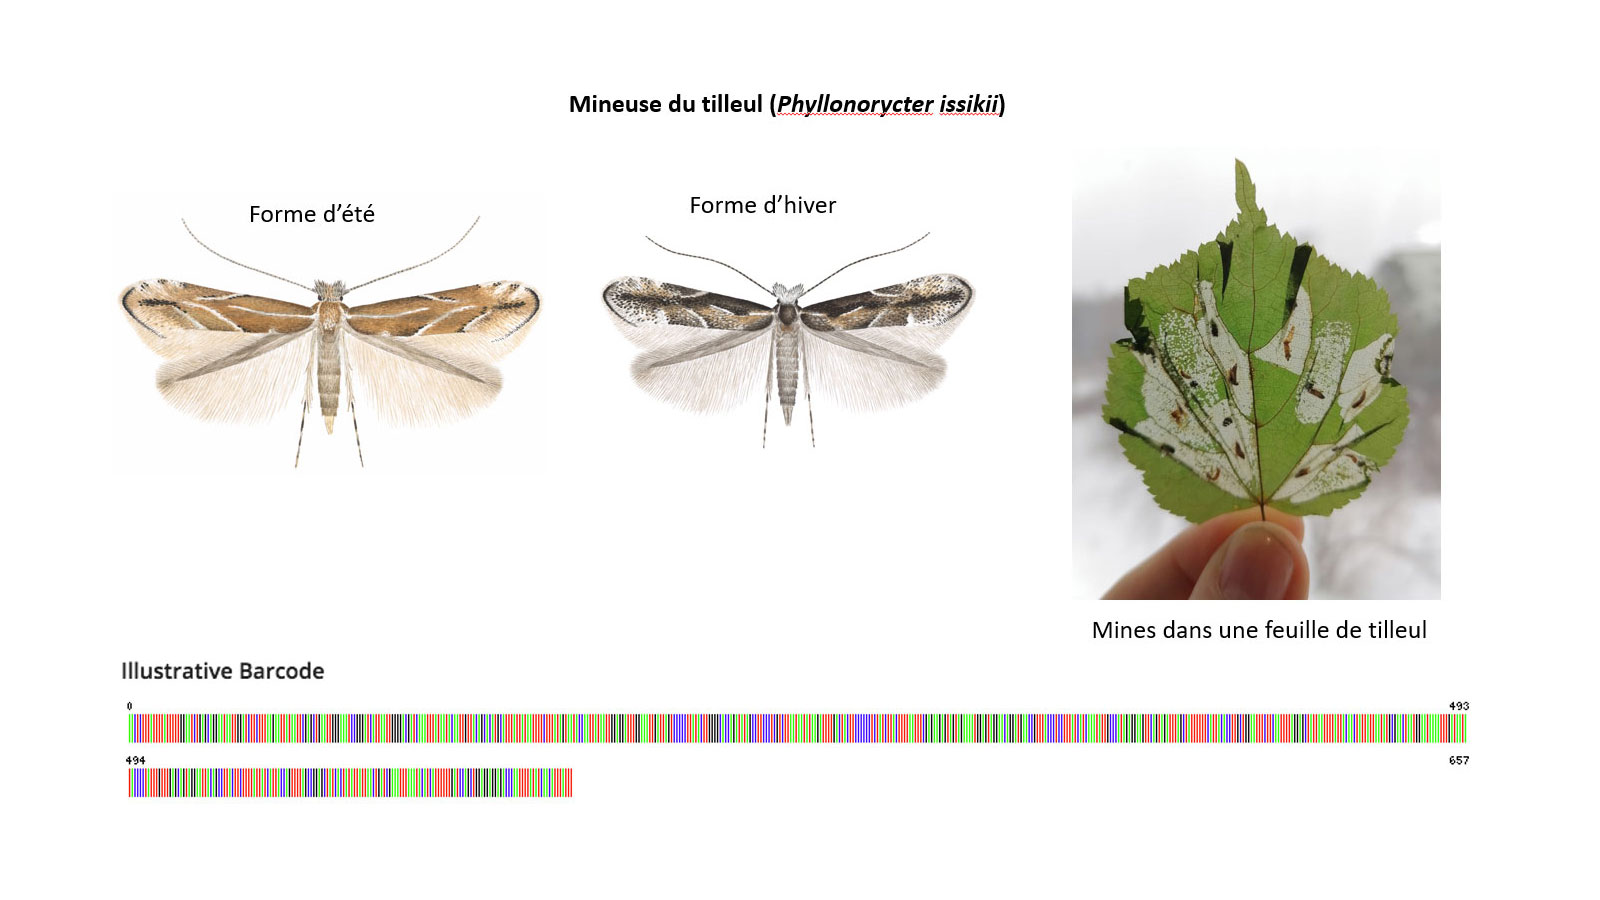 Mineuse du tilleul (Phyllonorycter issikii) : forme d'été, forme d'hiver, mines dans une feuille de tilleul, code barres ADN